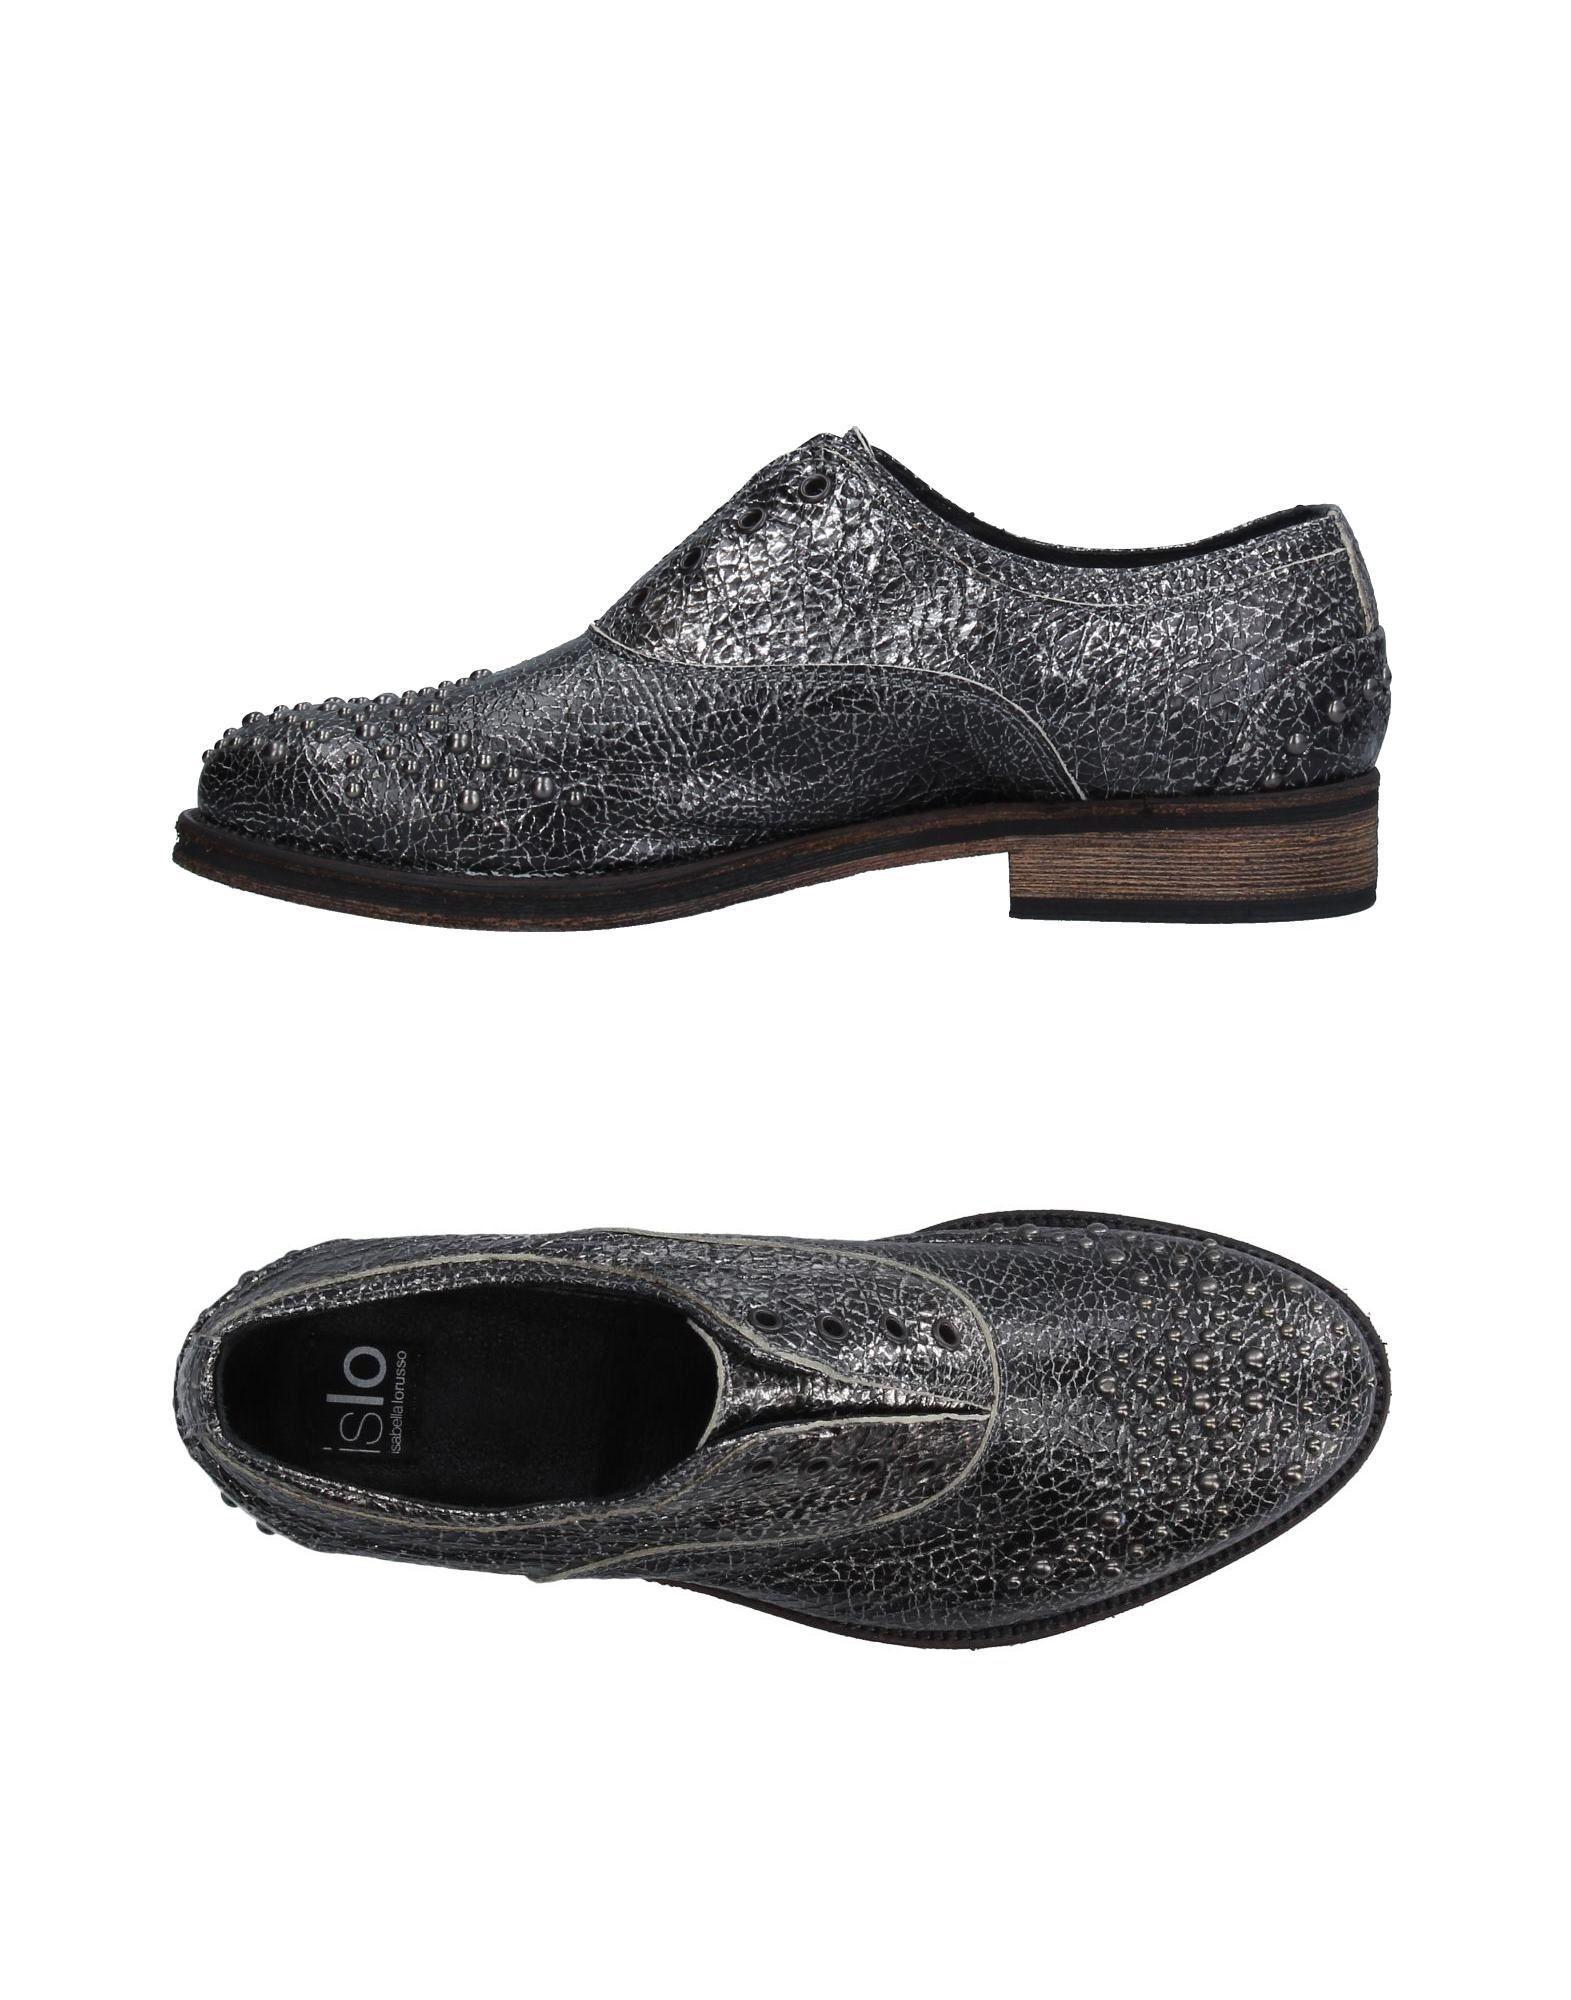 Islo Isabella Lorusso Schnürschuhe Damen  11239309XC Gute Qualität beliebte Schuhe